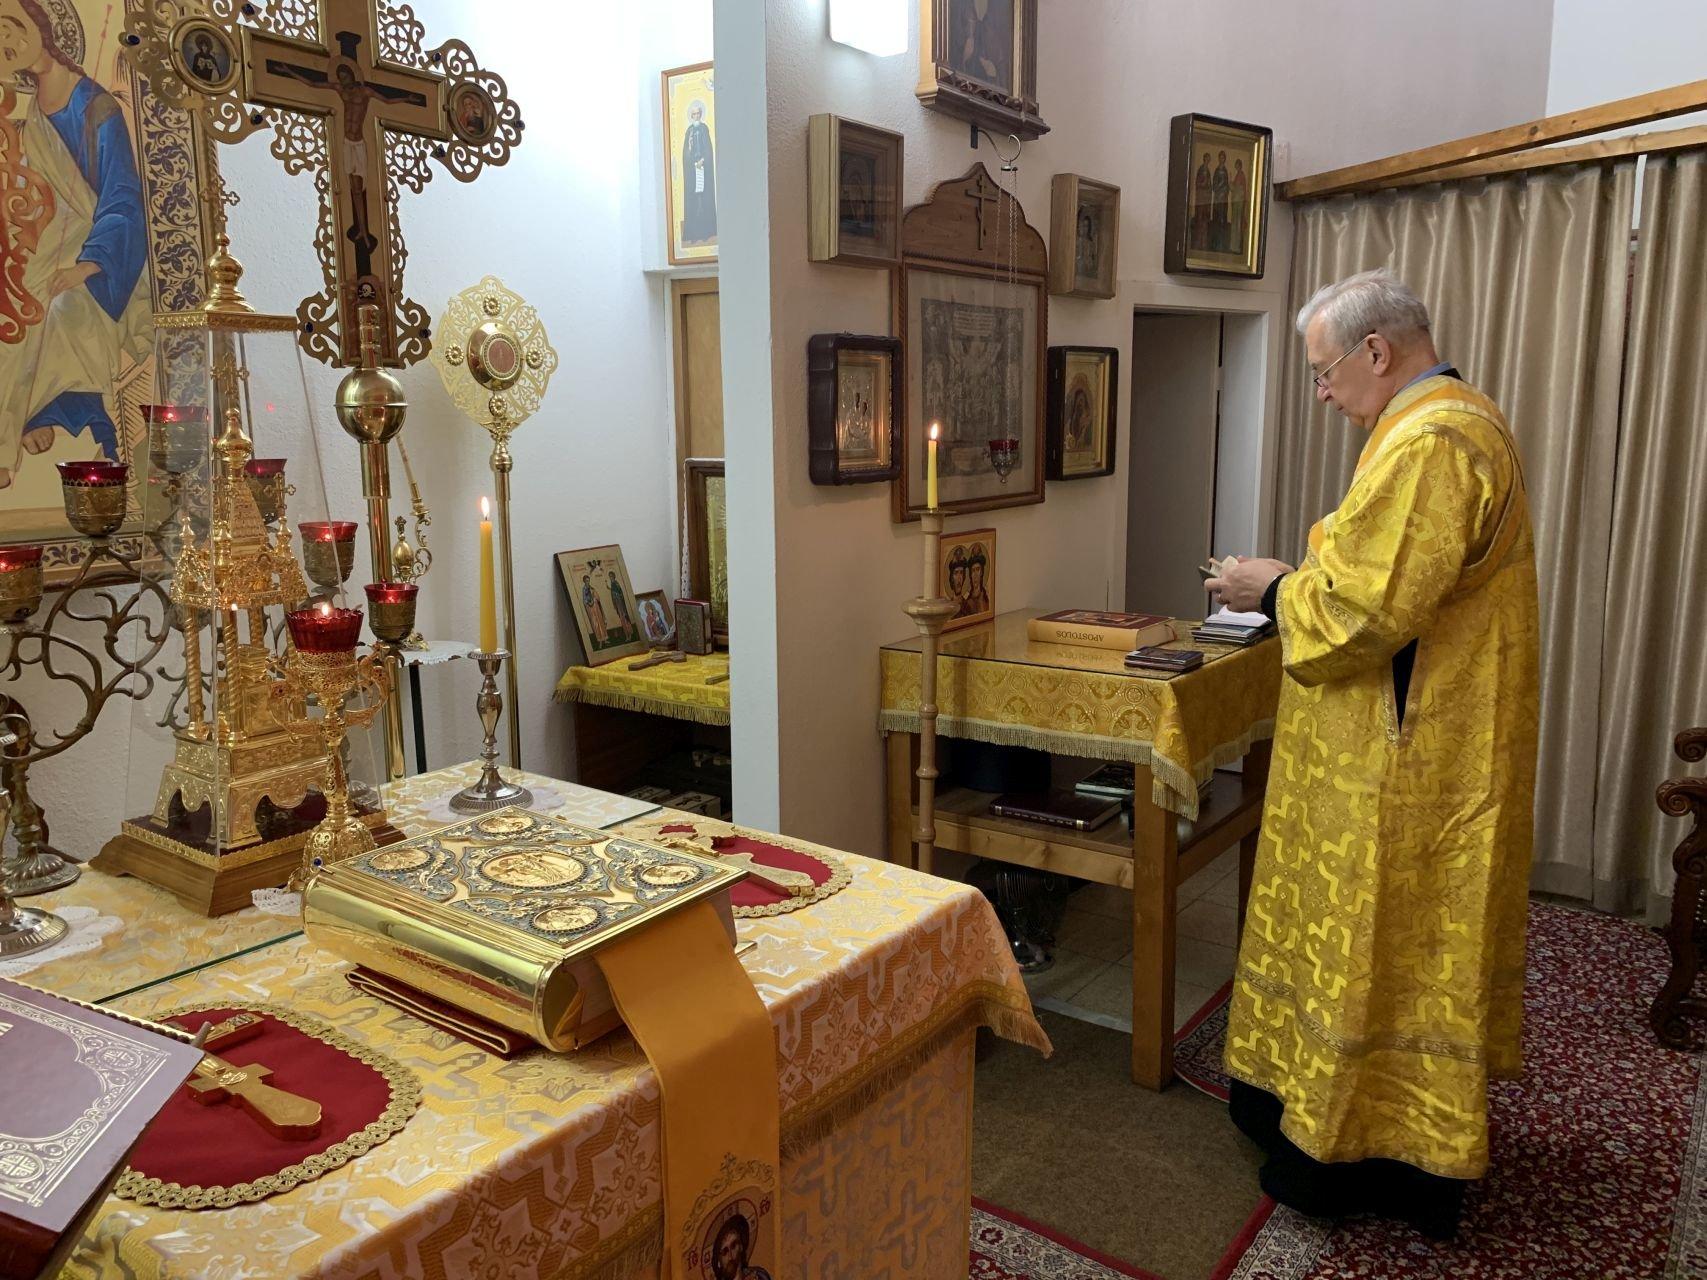 Ulm-russische-kirche.de 20200712 010